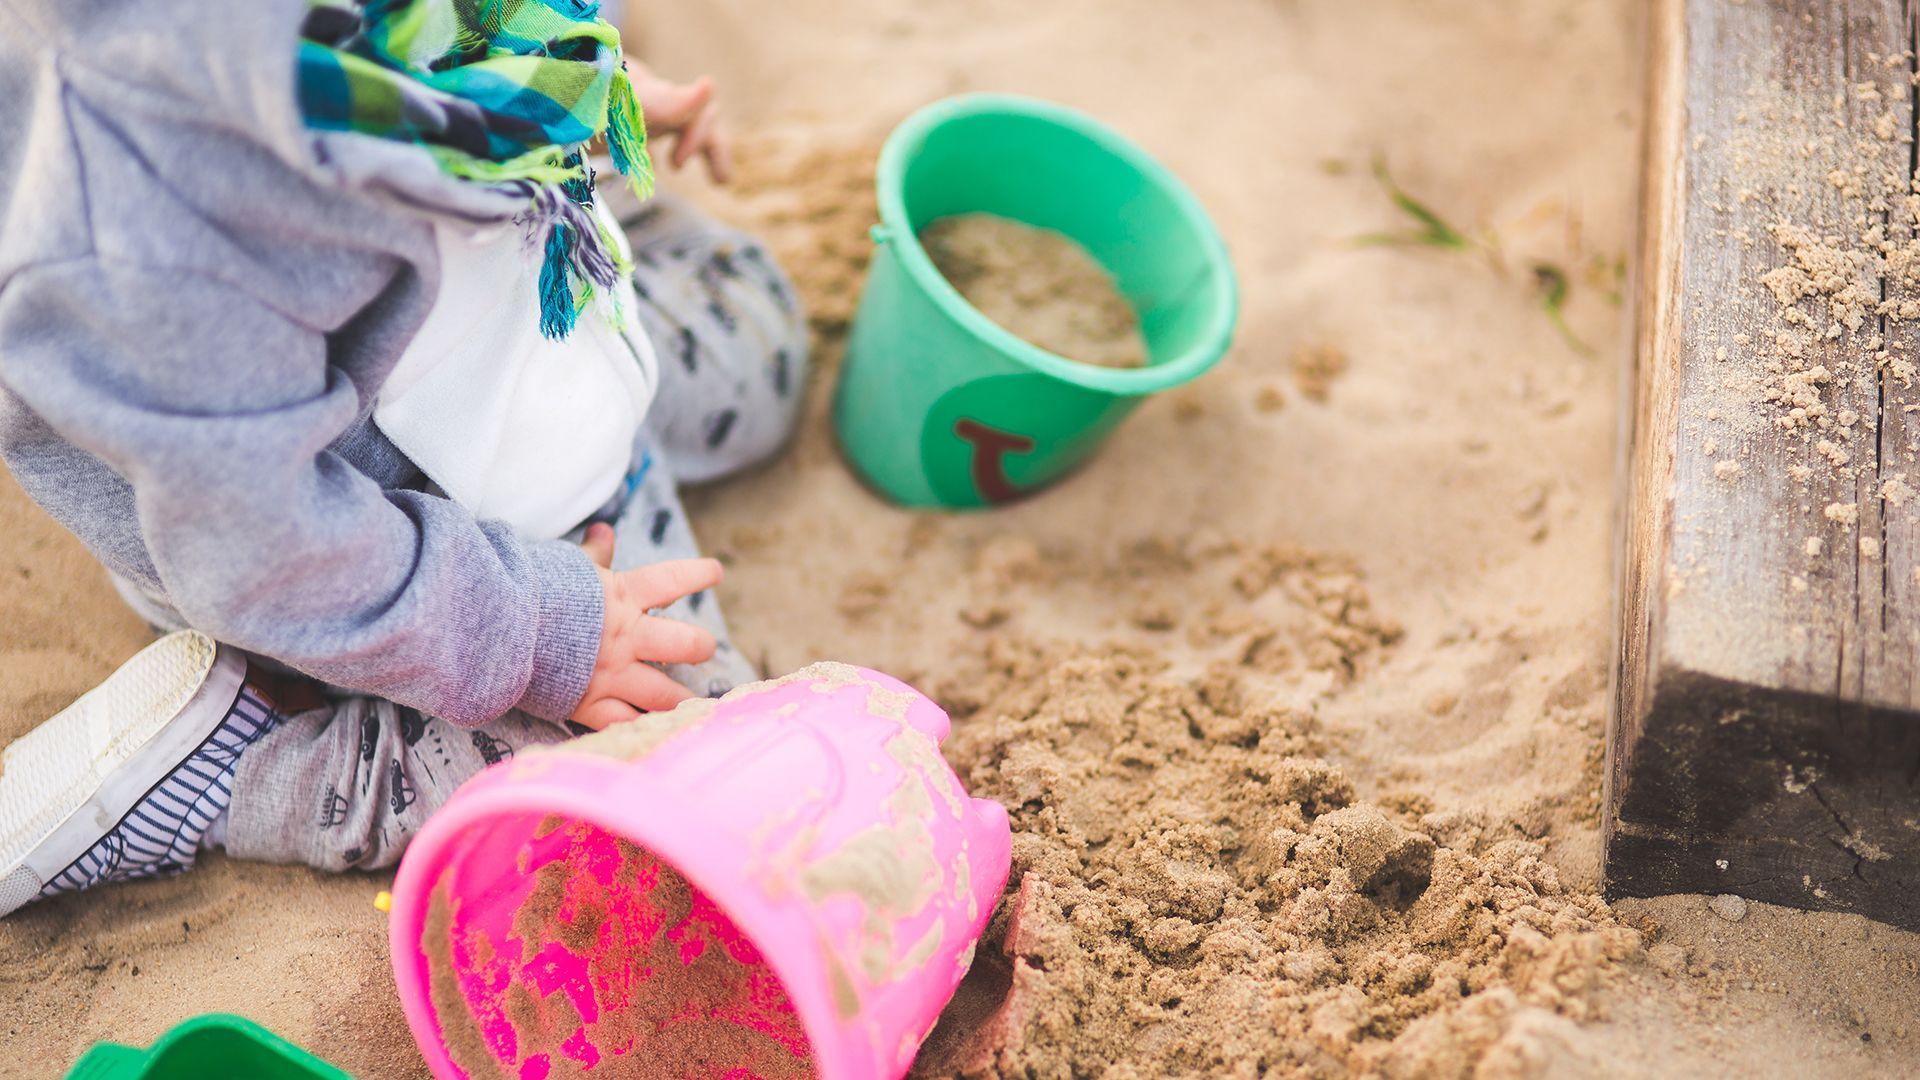 játszótér, homokozó, szülő, gyerek